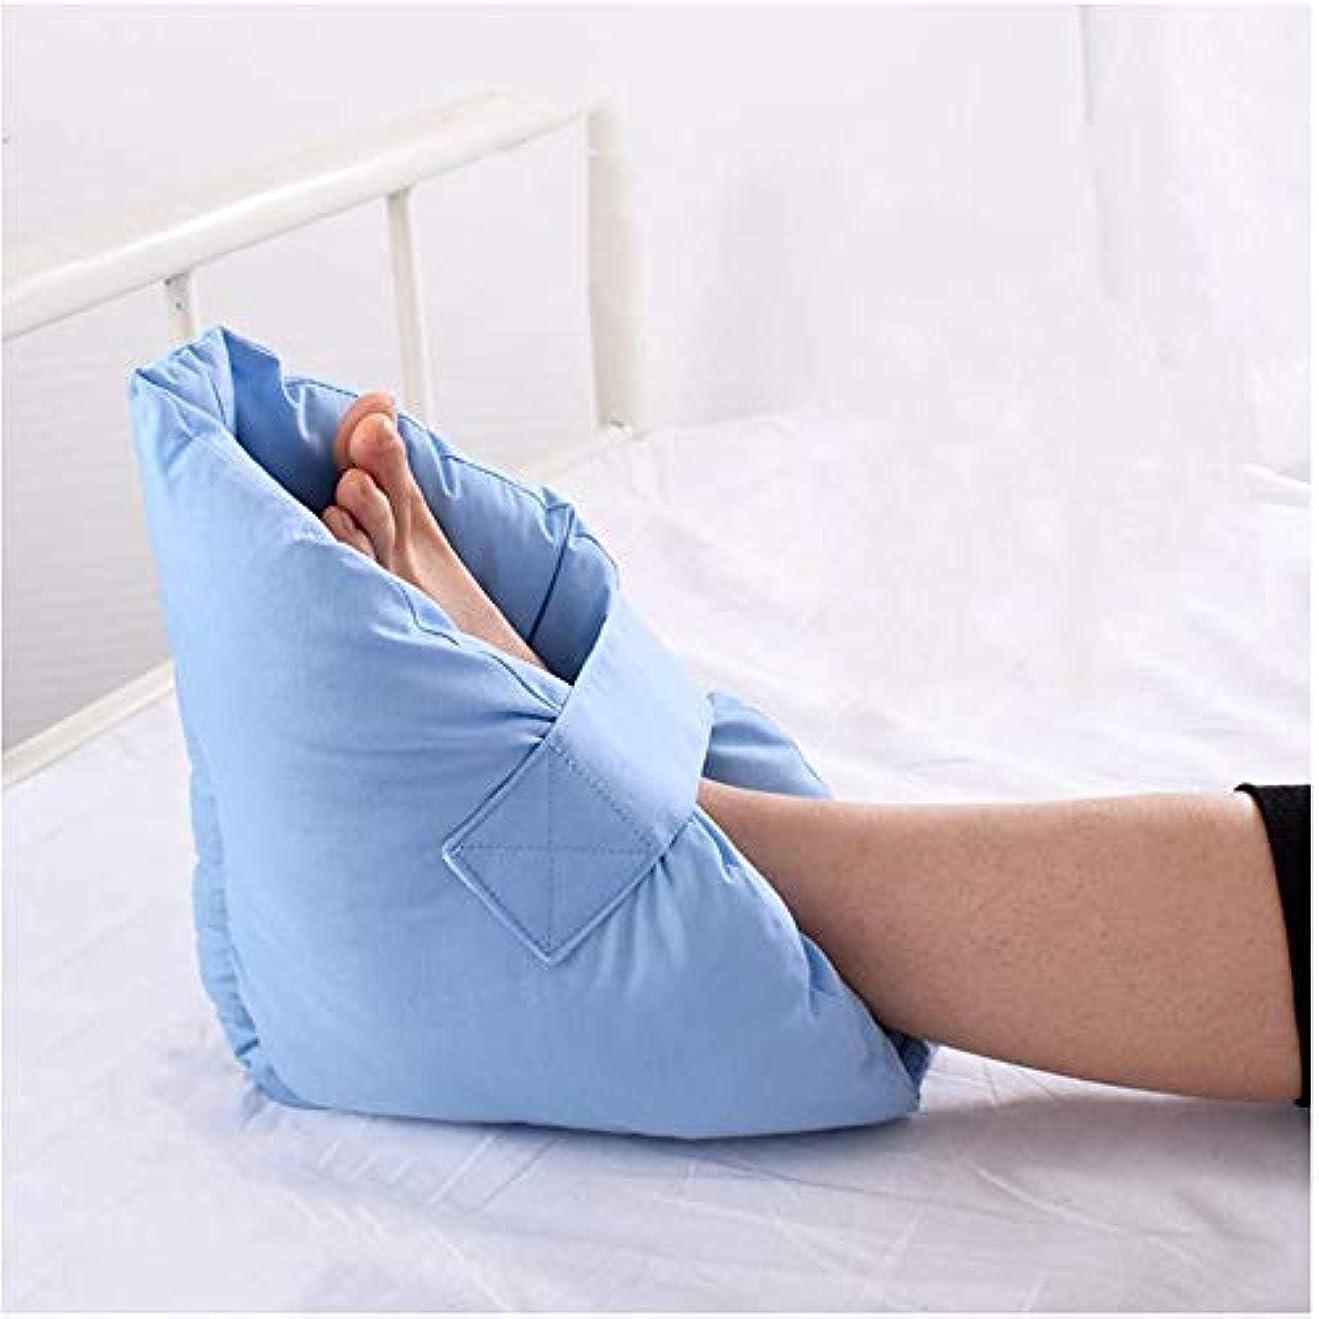 揺れるきつく表面的なヒールクッションプロテクター2個褥瘡を保護します足首サポート 暖かい洗える